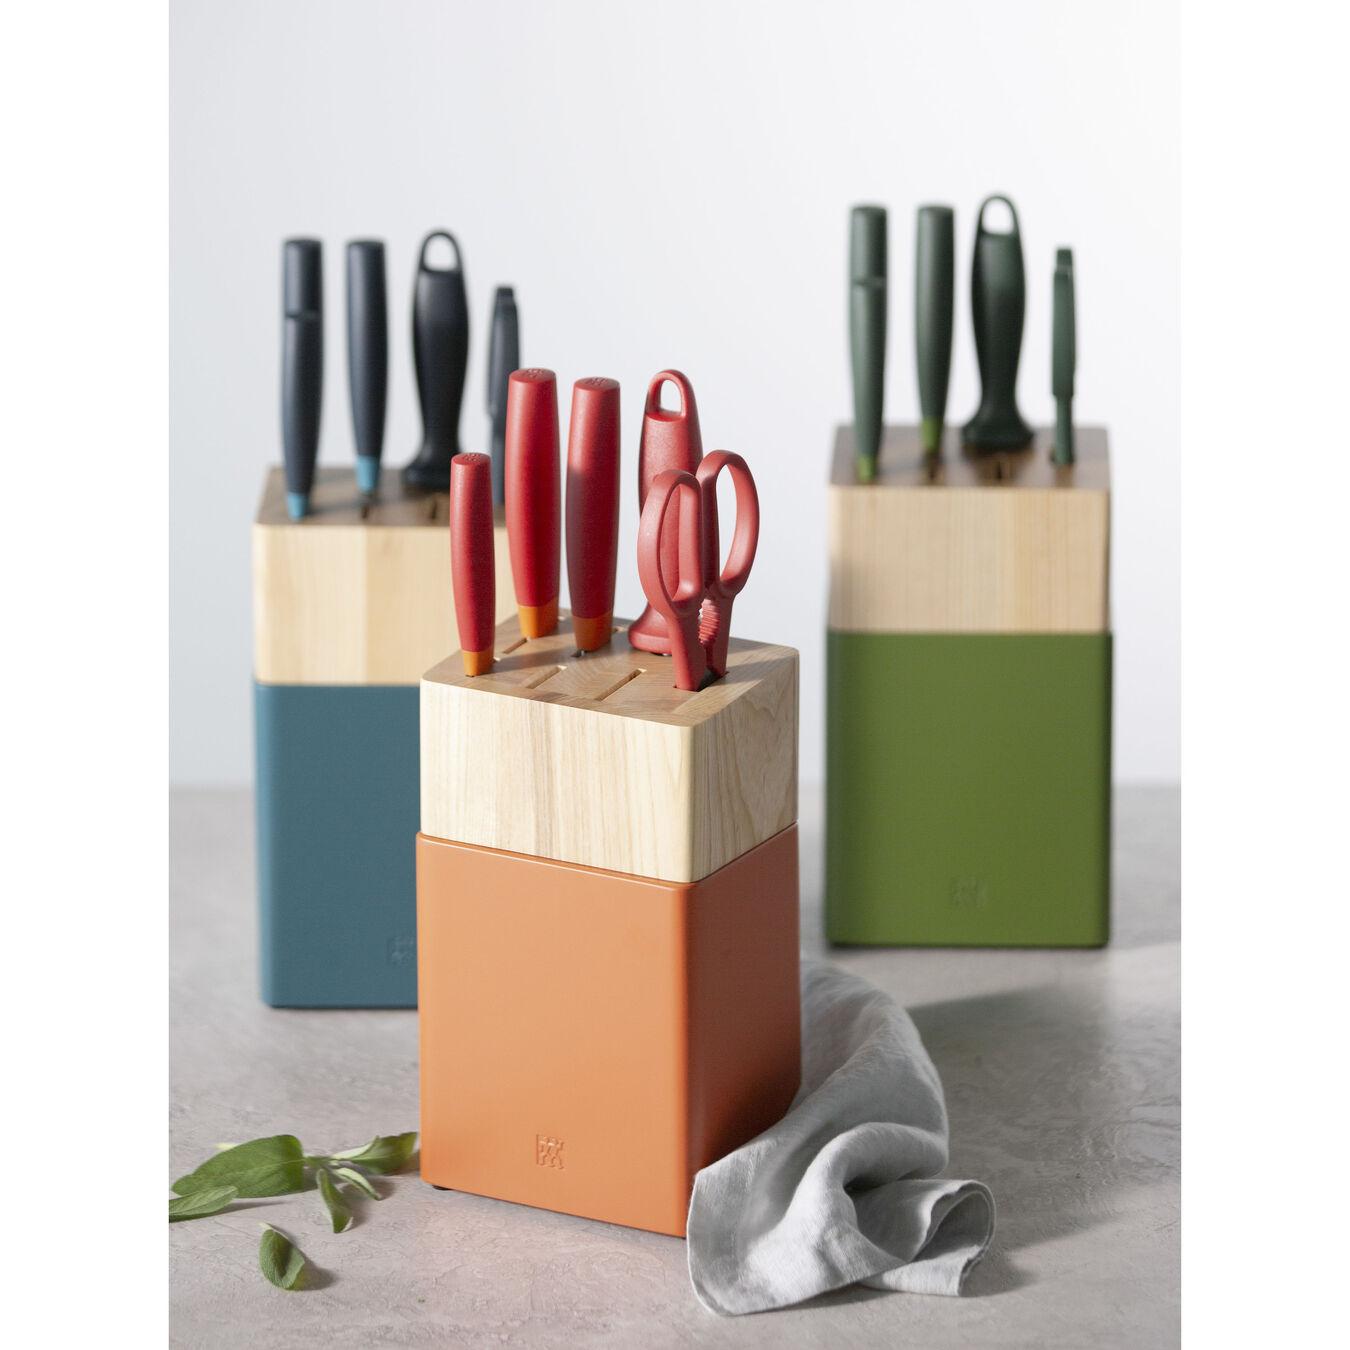 8-pc Knife Block Set - Grenada Orange,,large 5